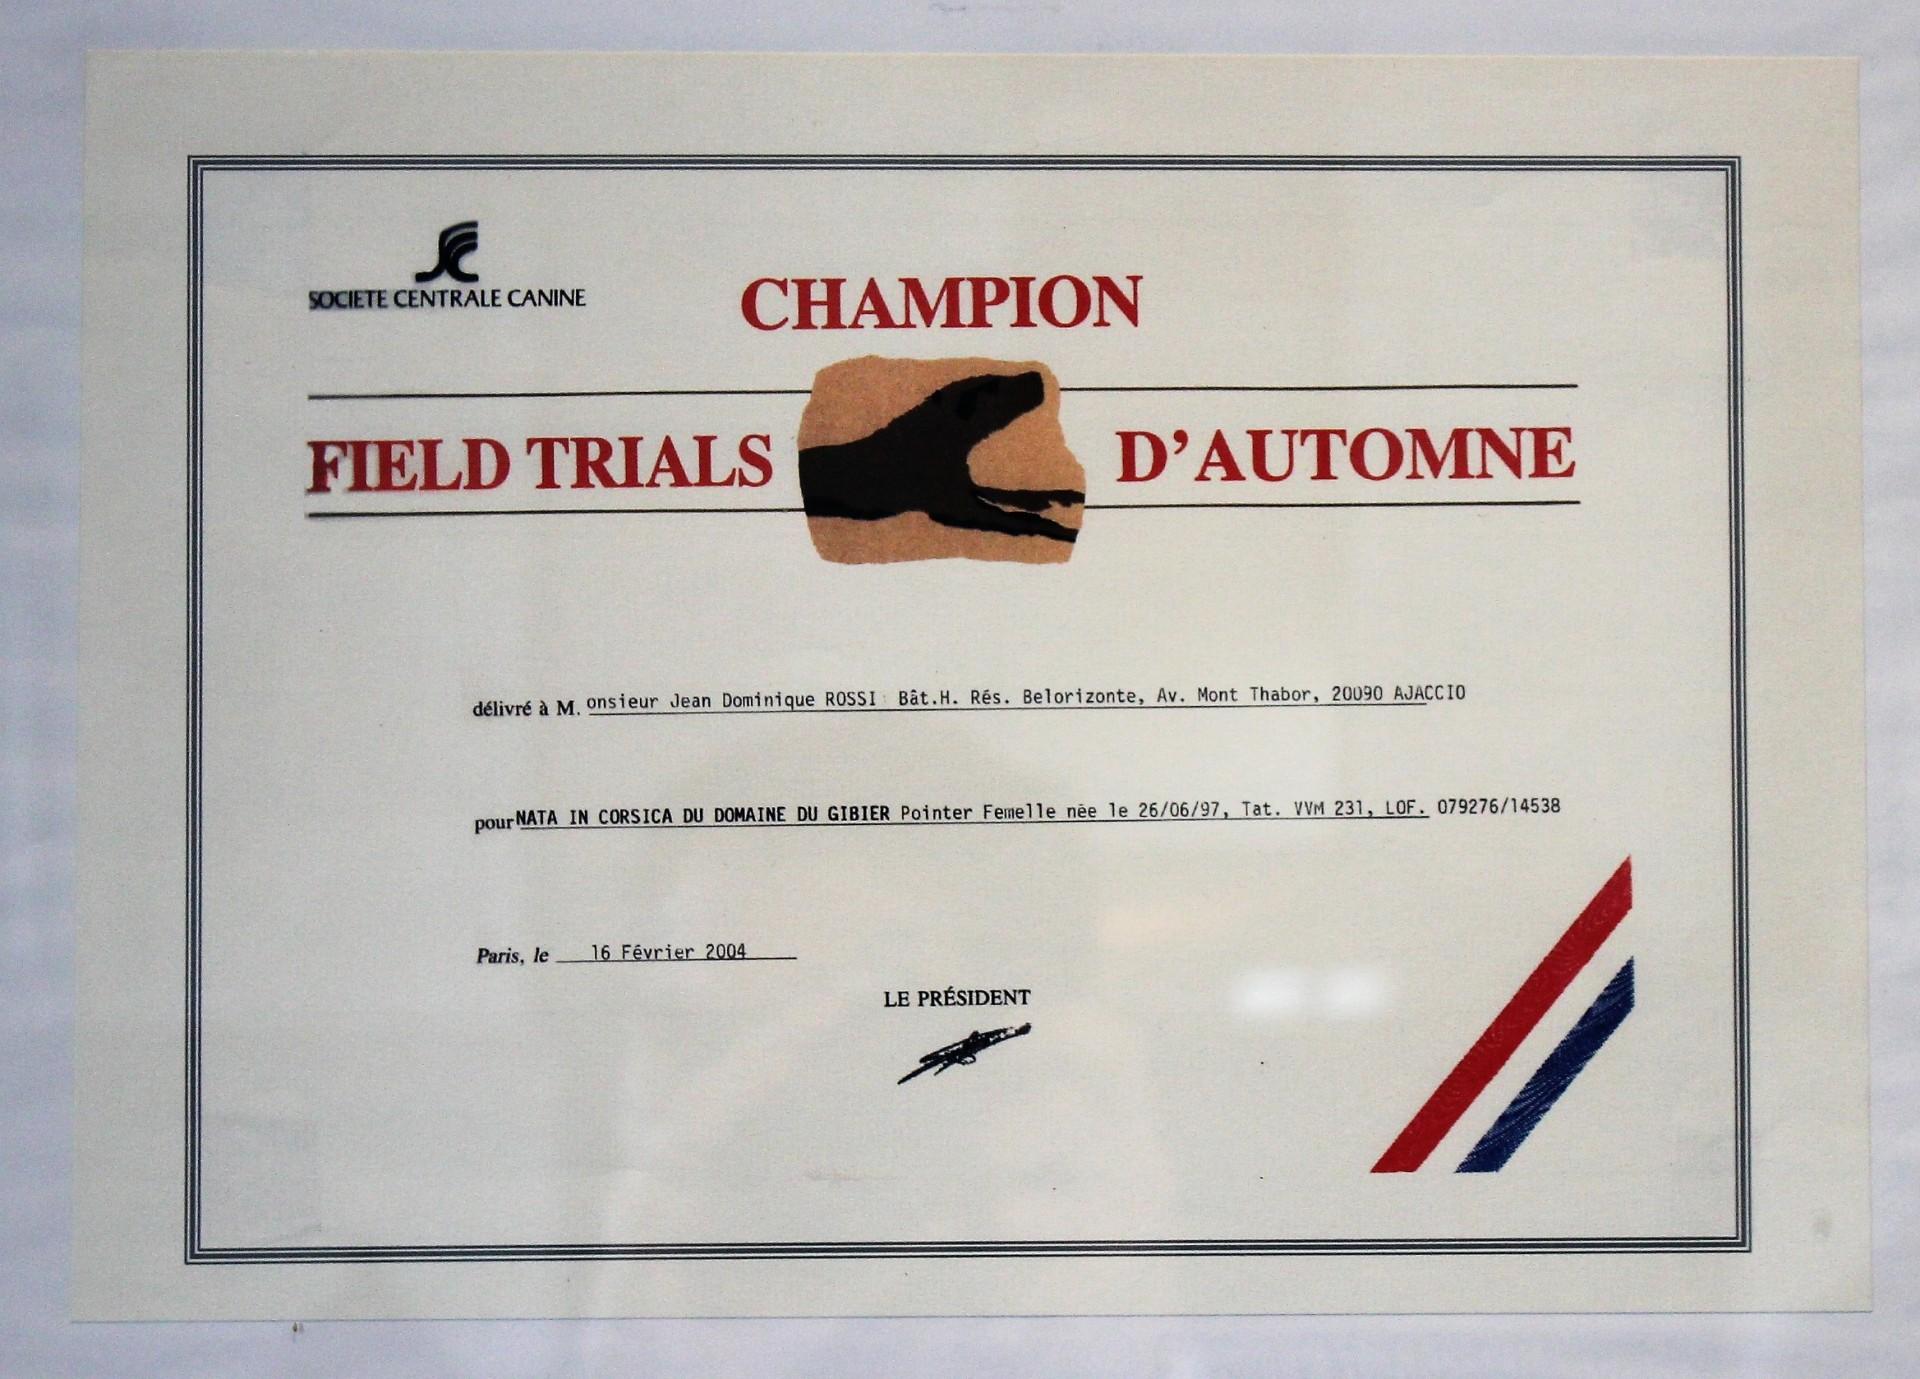 reconnaissance-champion-automne-field-trials dresseur eleveur domaine du gibier corse du sud